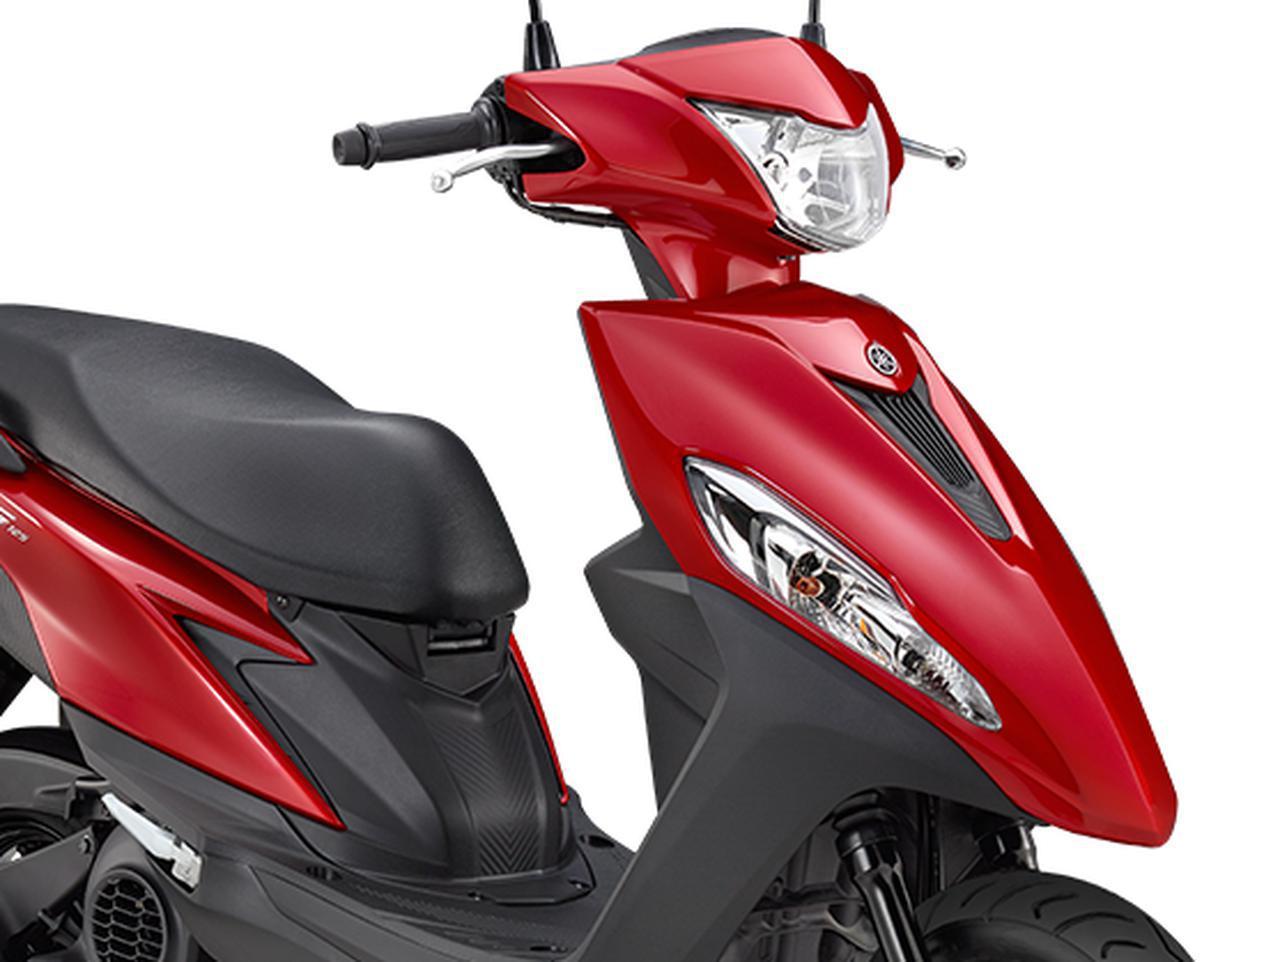 画像: 台湾ヤマハが新型「ジョグ125」2020年秋に発表 - webオートバイ